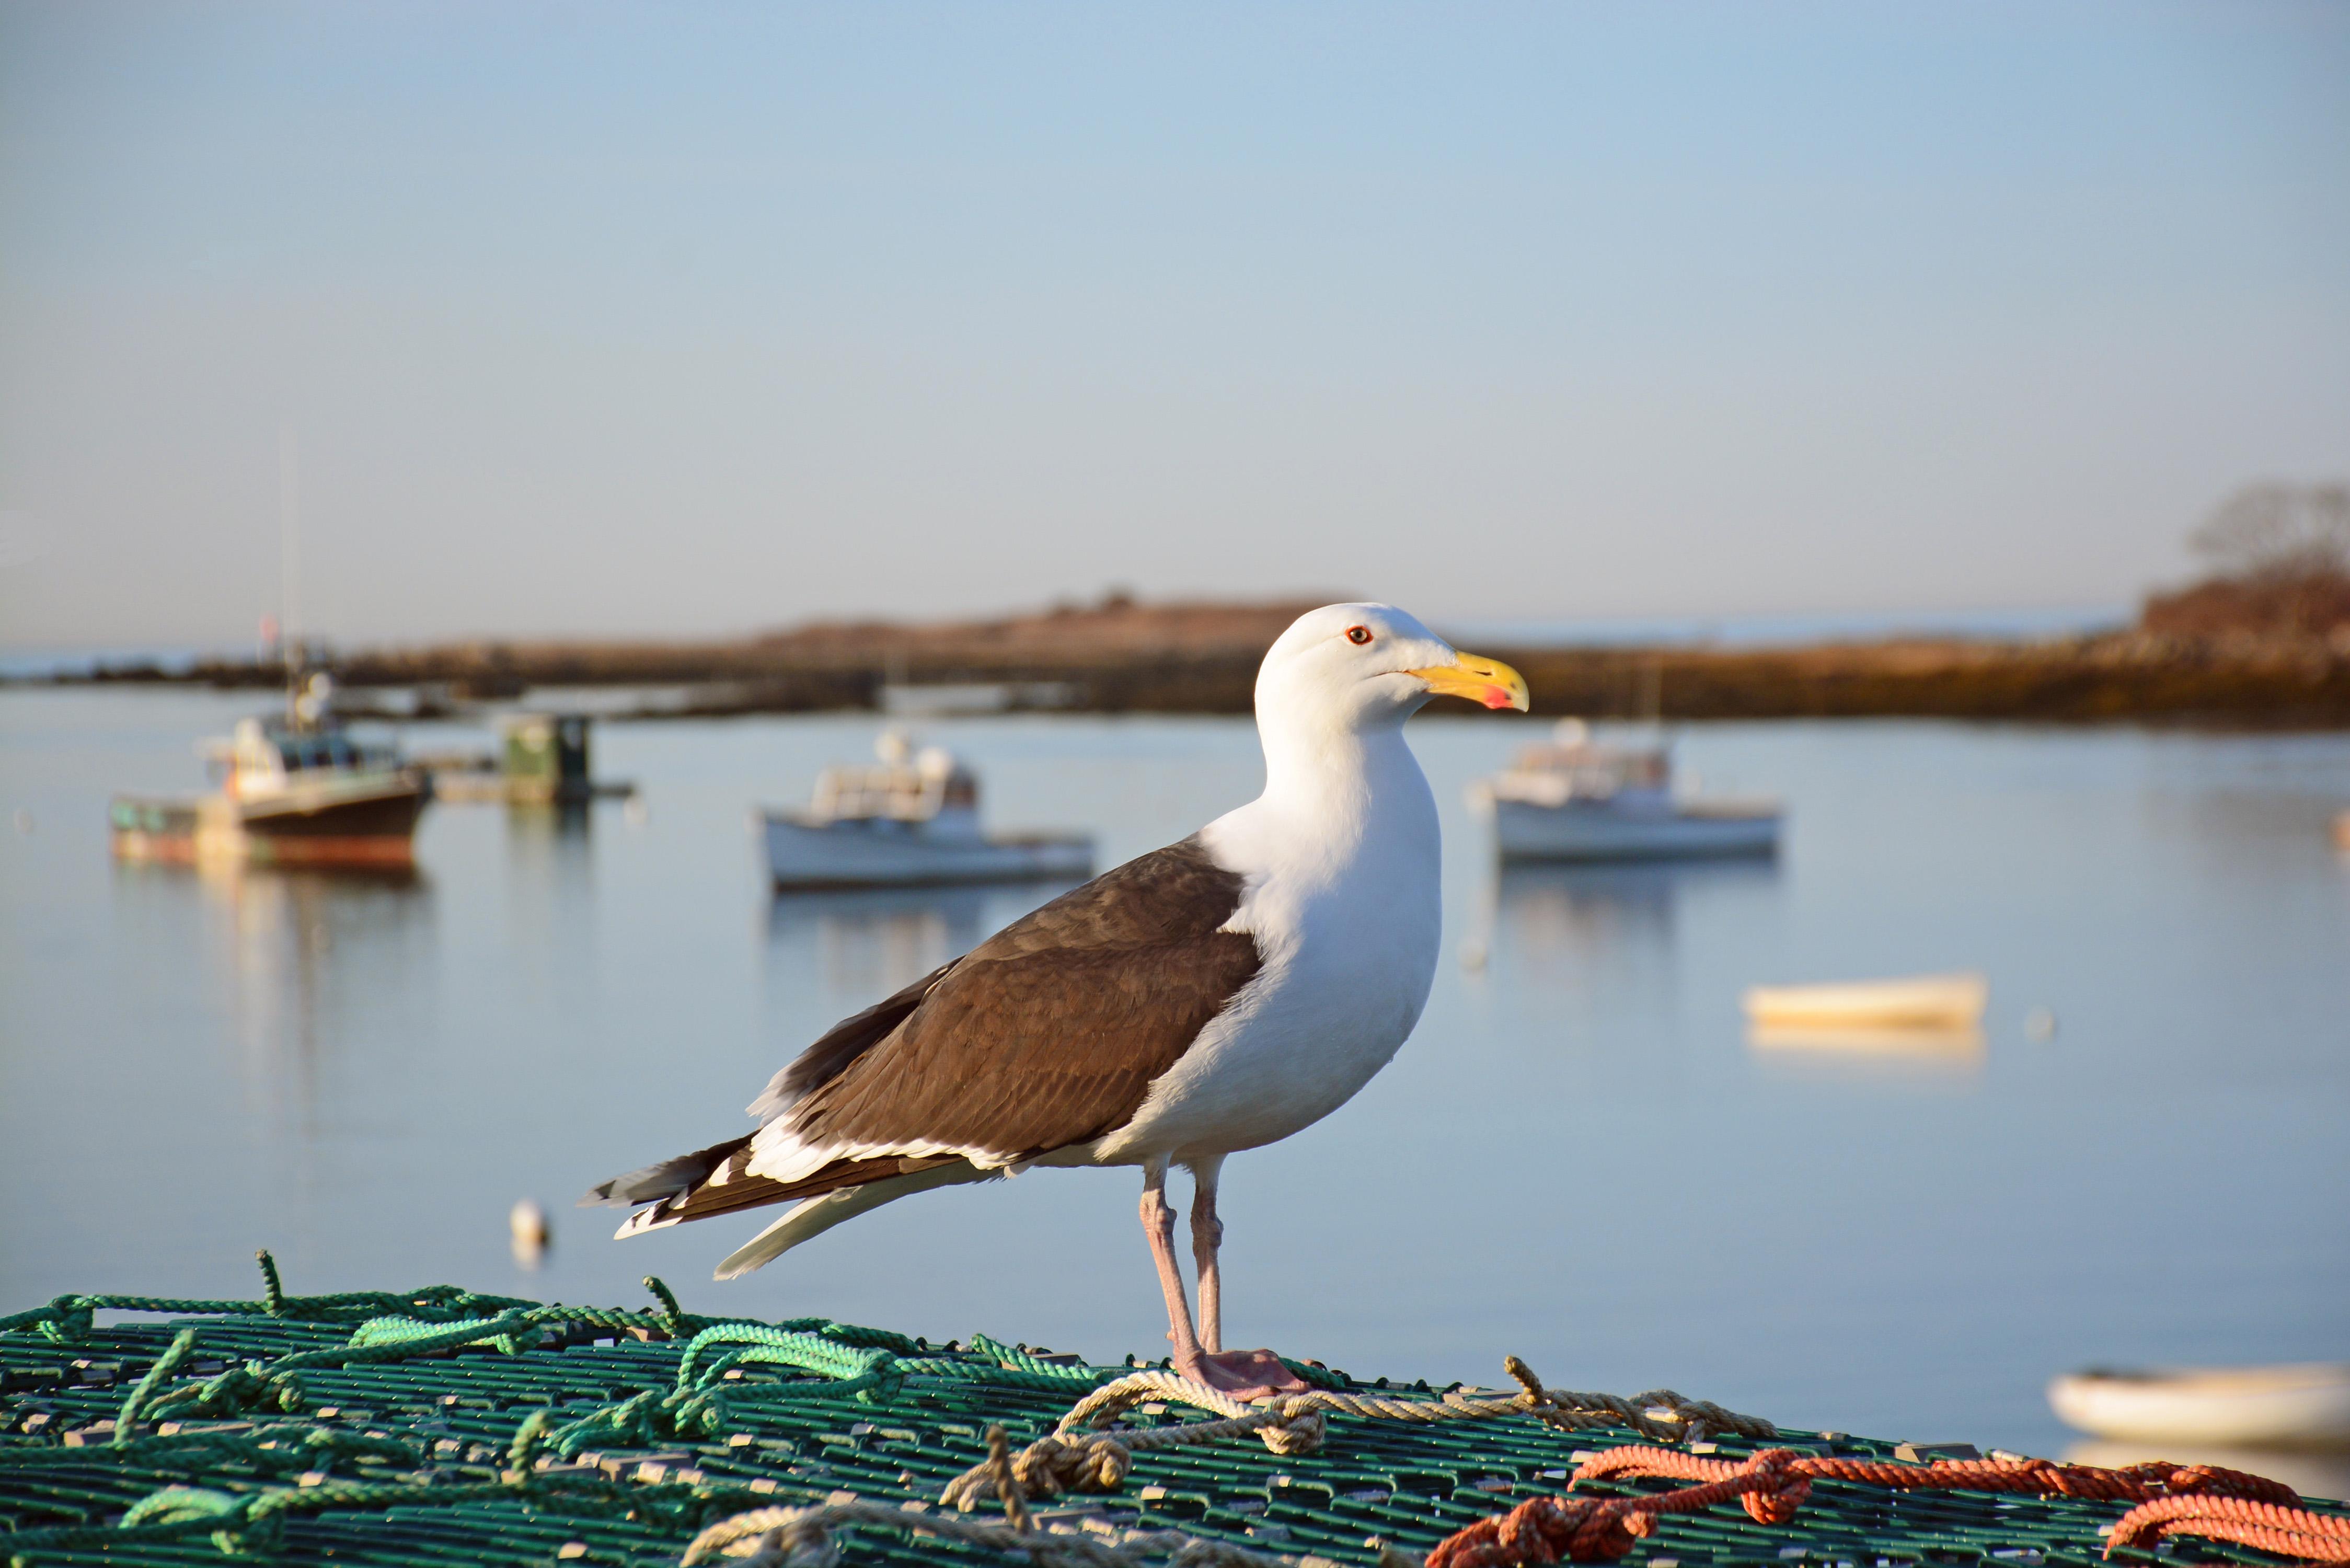 seagull reader essays online